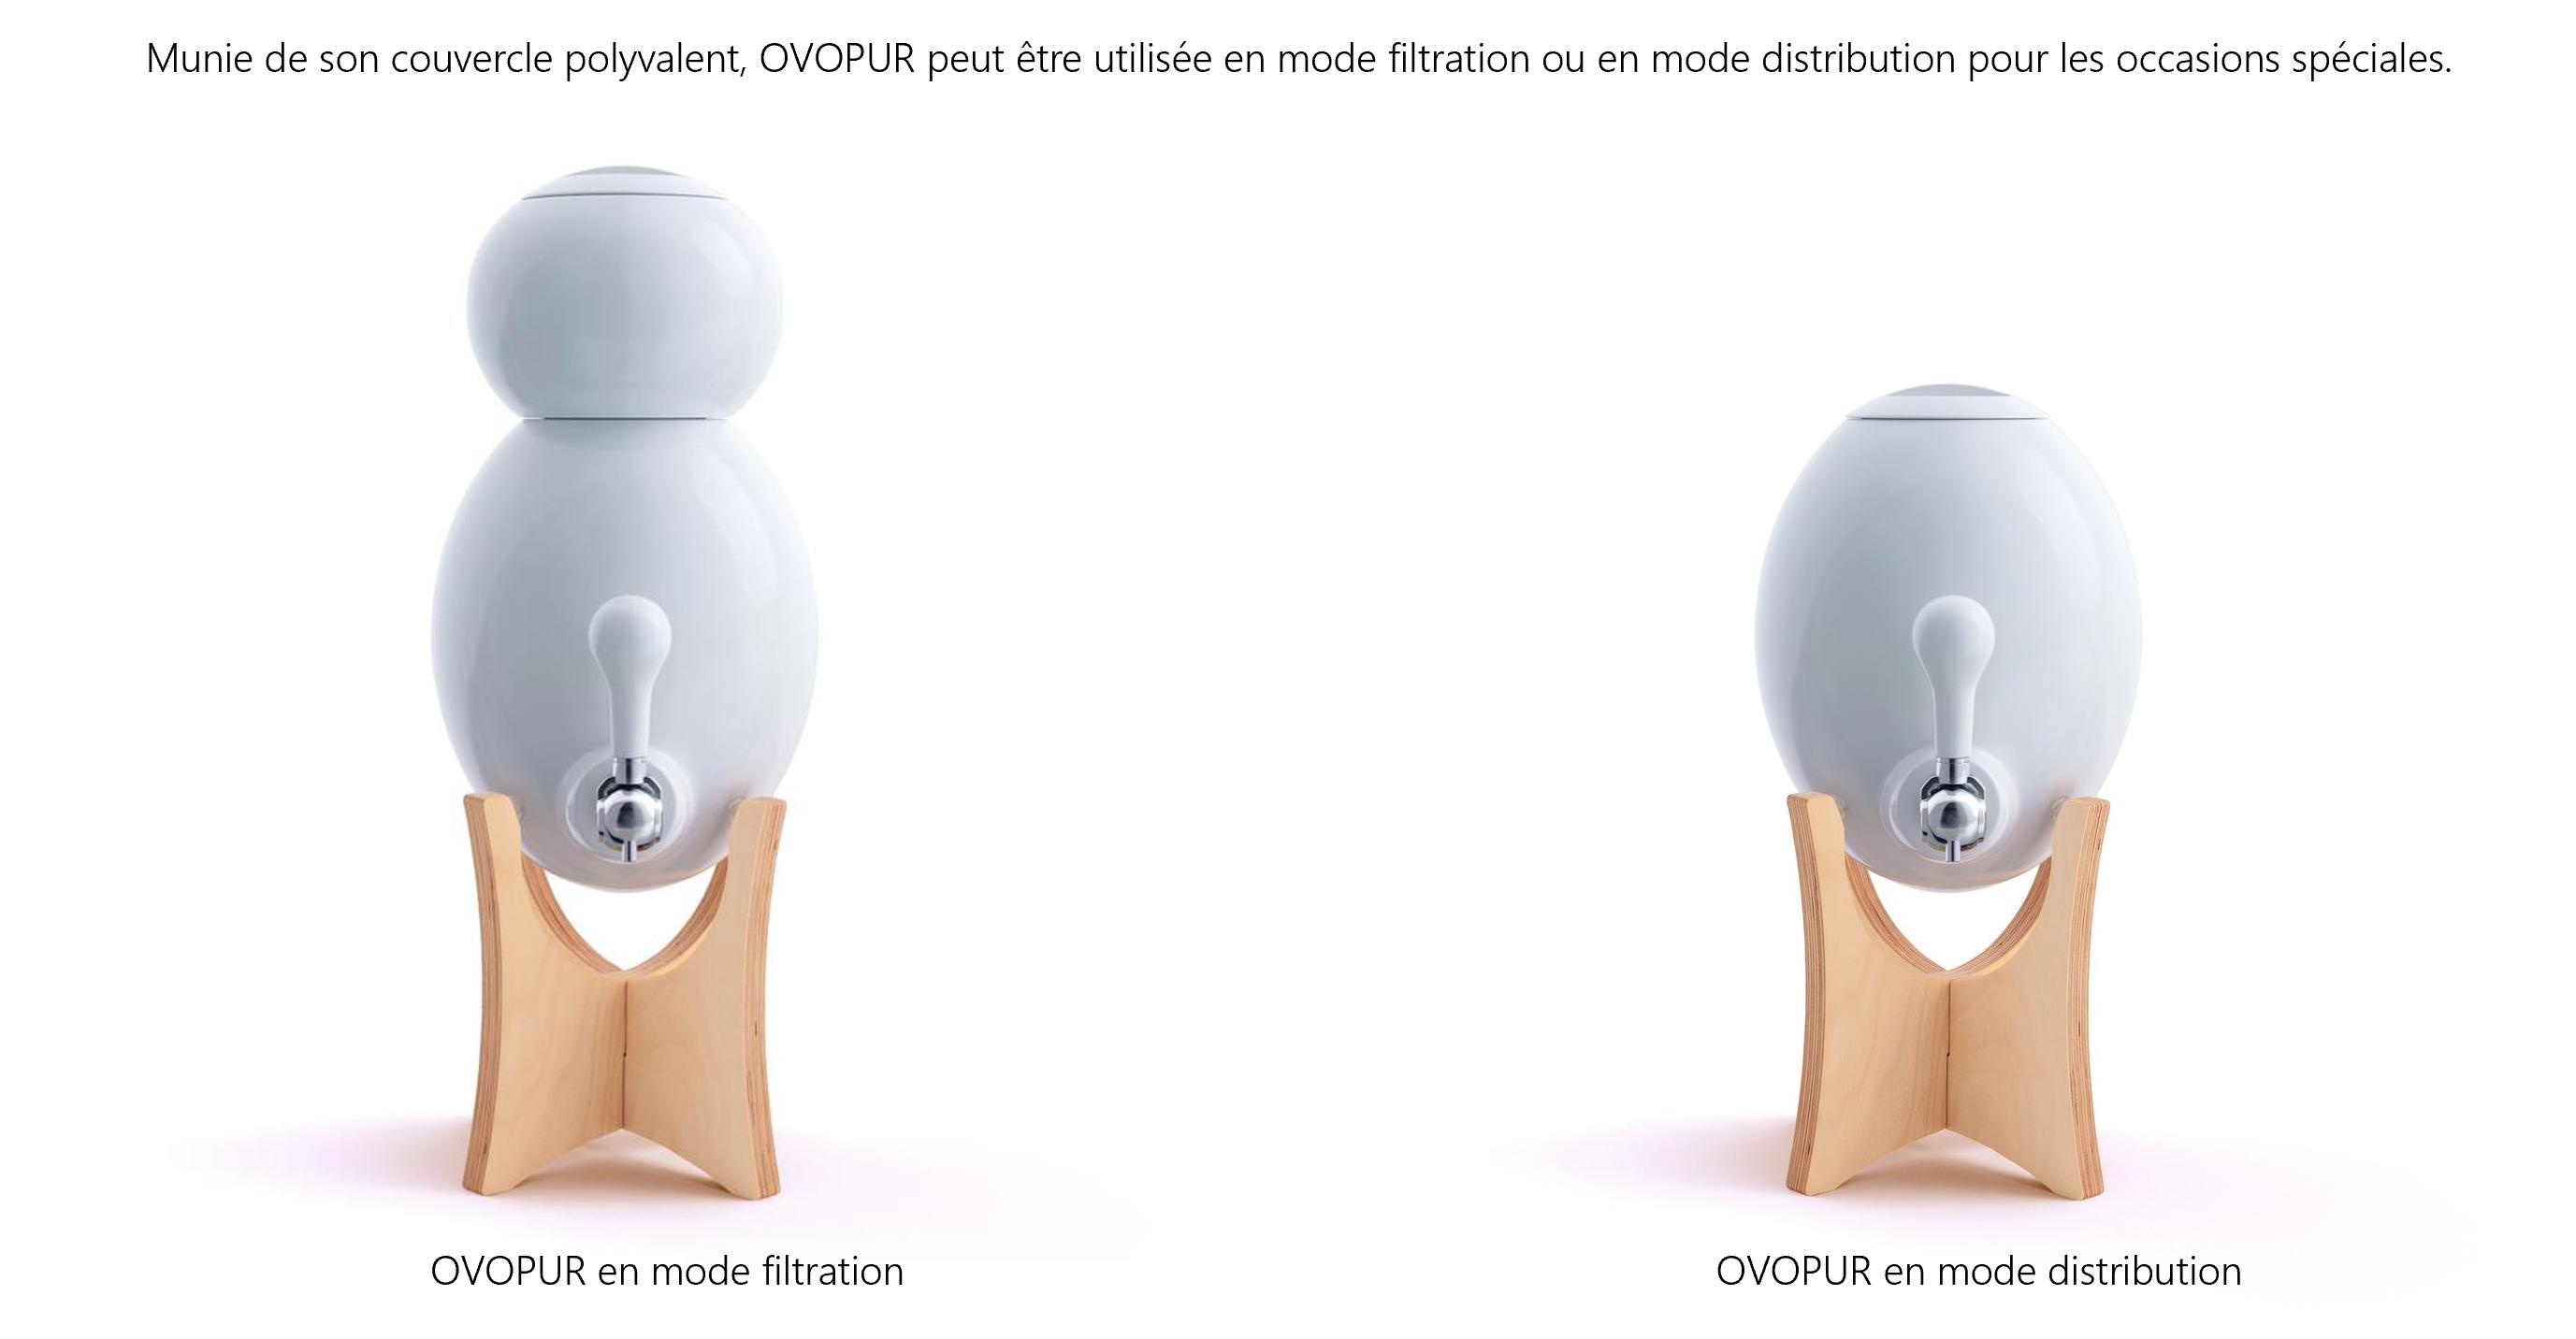 Munie de son couvercle polyvalent, OVOPUR peut être utilisée en mode filtration ou en mode distribution pour les occasions spéciales.